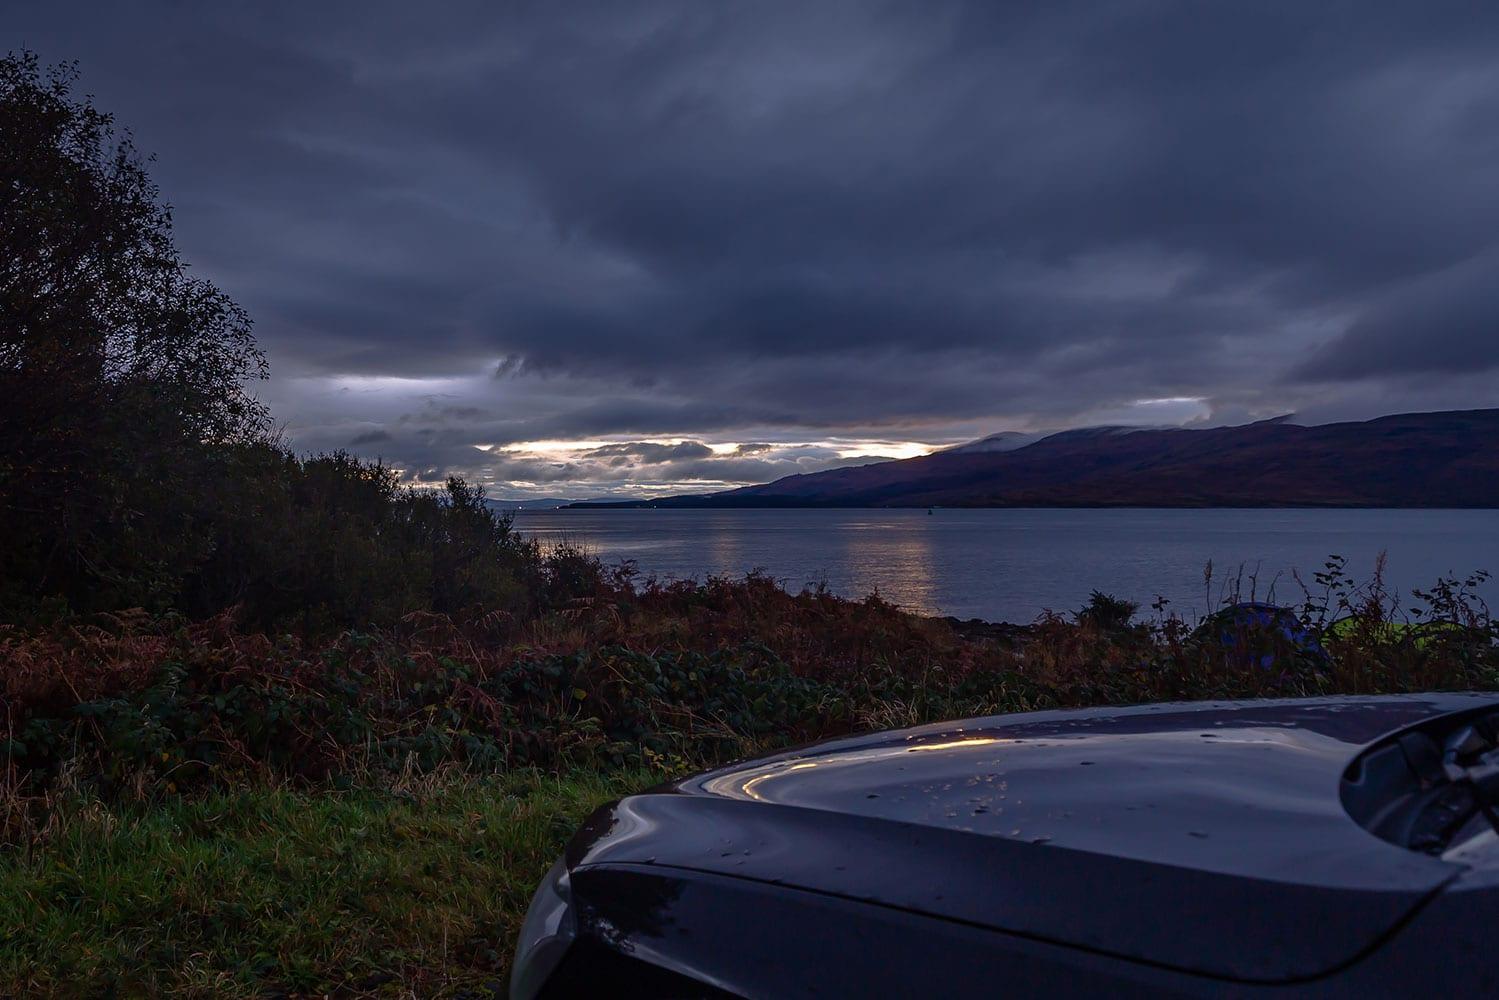 a moody scottish highlands sky